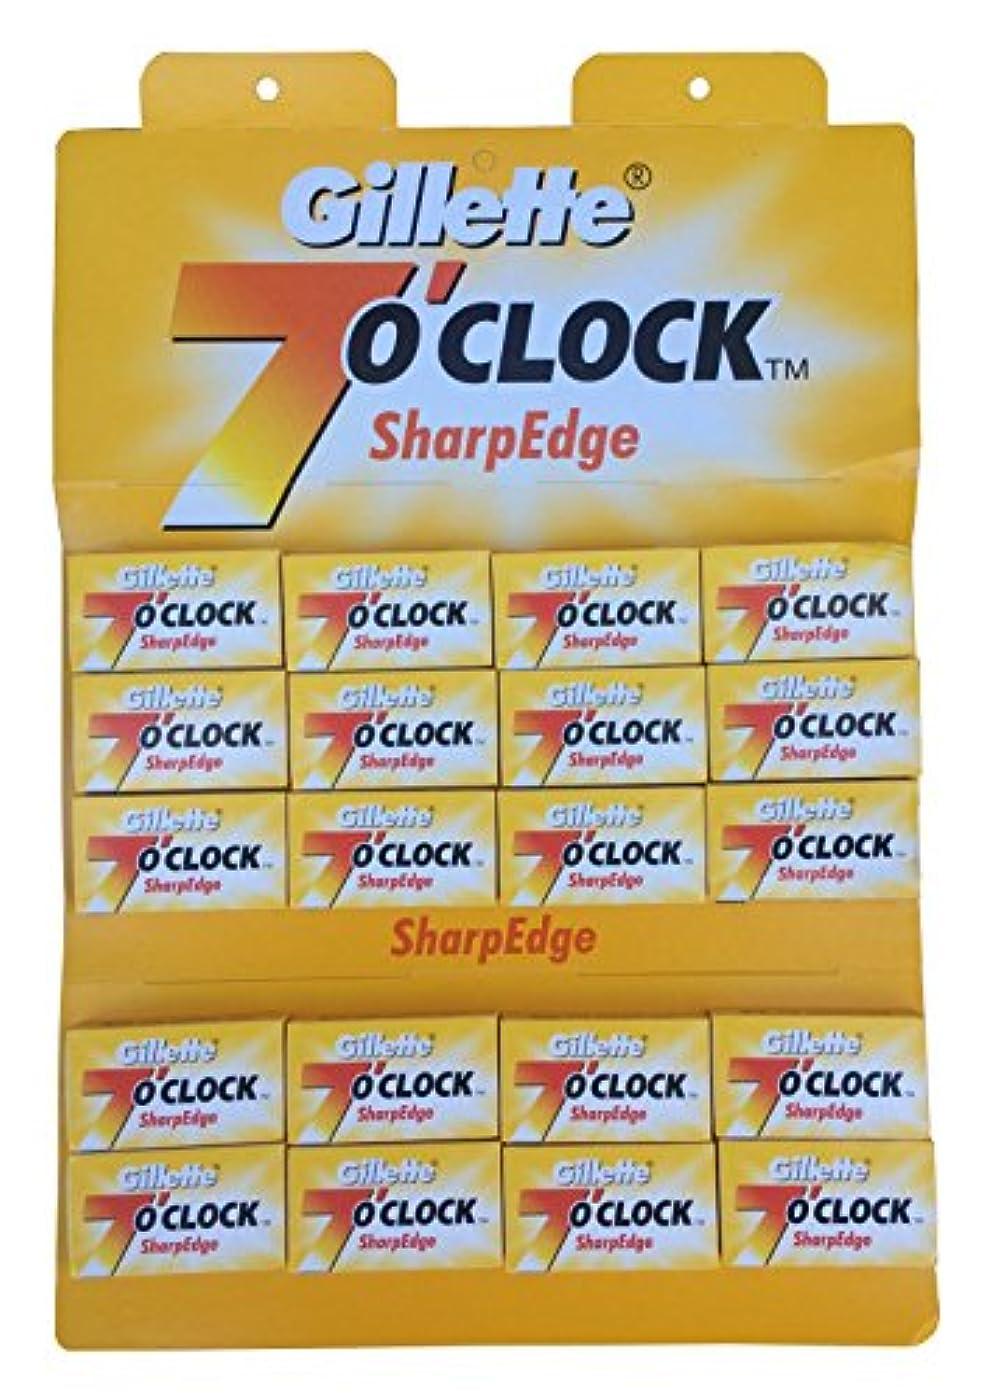 落とし穴死ぬ保持Gillette 7 0'Clock SharpEdge 両刃替刃 100枚入り(5枚入り20 個セット)【並行輸入品】